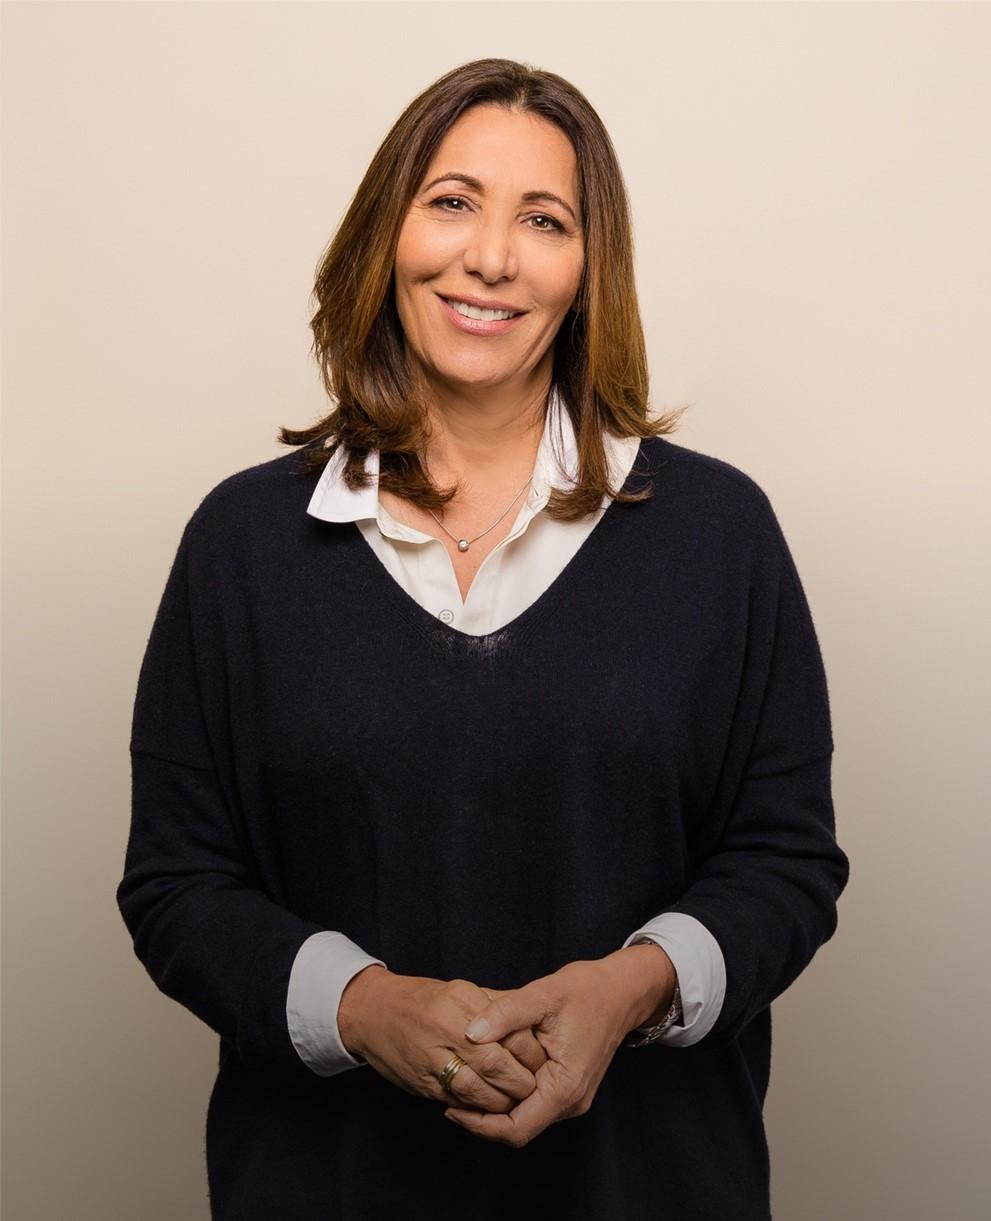 Susan Hertzberg_BrainScope.JPG